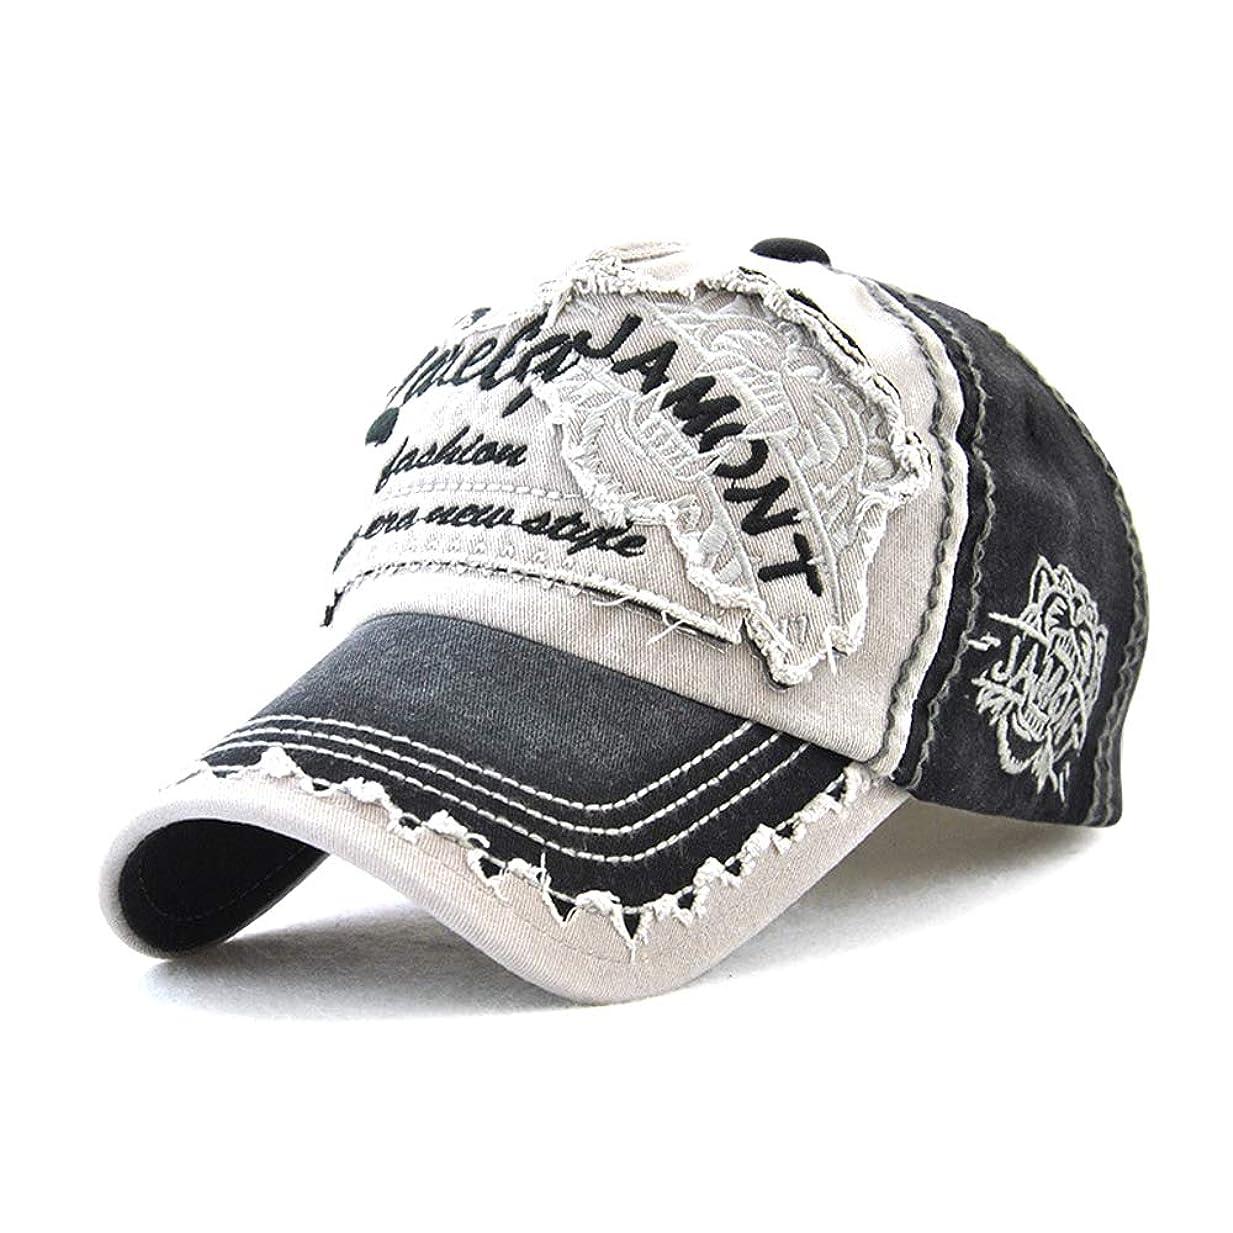 ソース彼女は予備Fintier 男女兼用 タイガーキャト ベースボールキャップ 野球帽 カジュアル CAP 帽子 アウトドア スポーツ キャップ 帽子 メンズ レディース